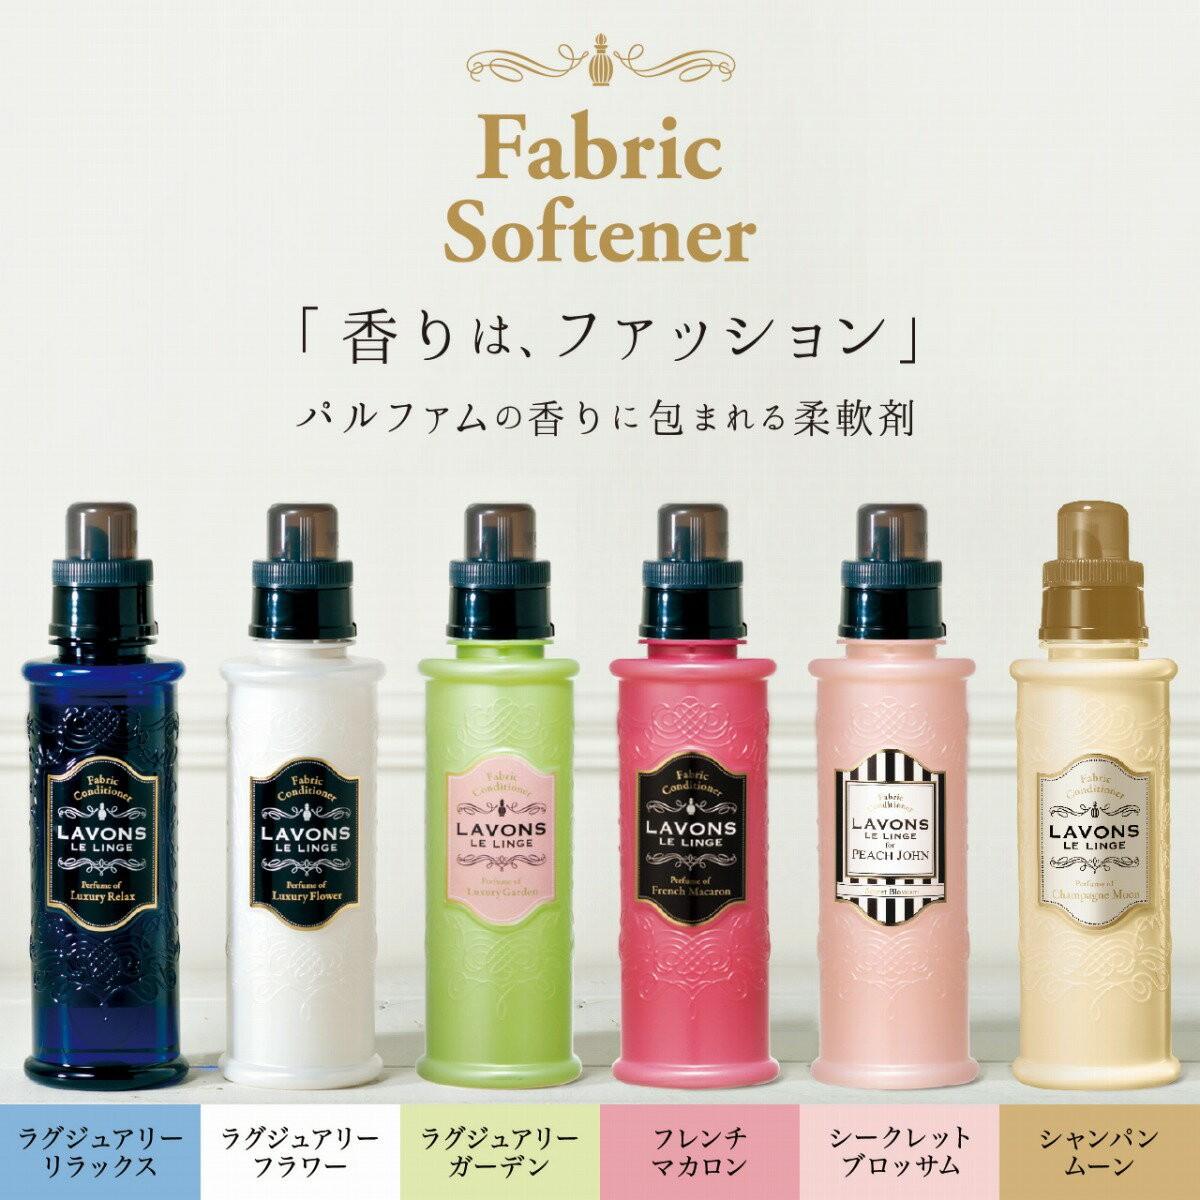 ネイチャーラボYahoo公式:ラボン 柔軟剤 フレンチマカロンの香り 詰め替え 480ml・イメージ写真6